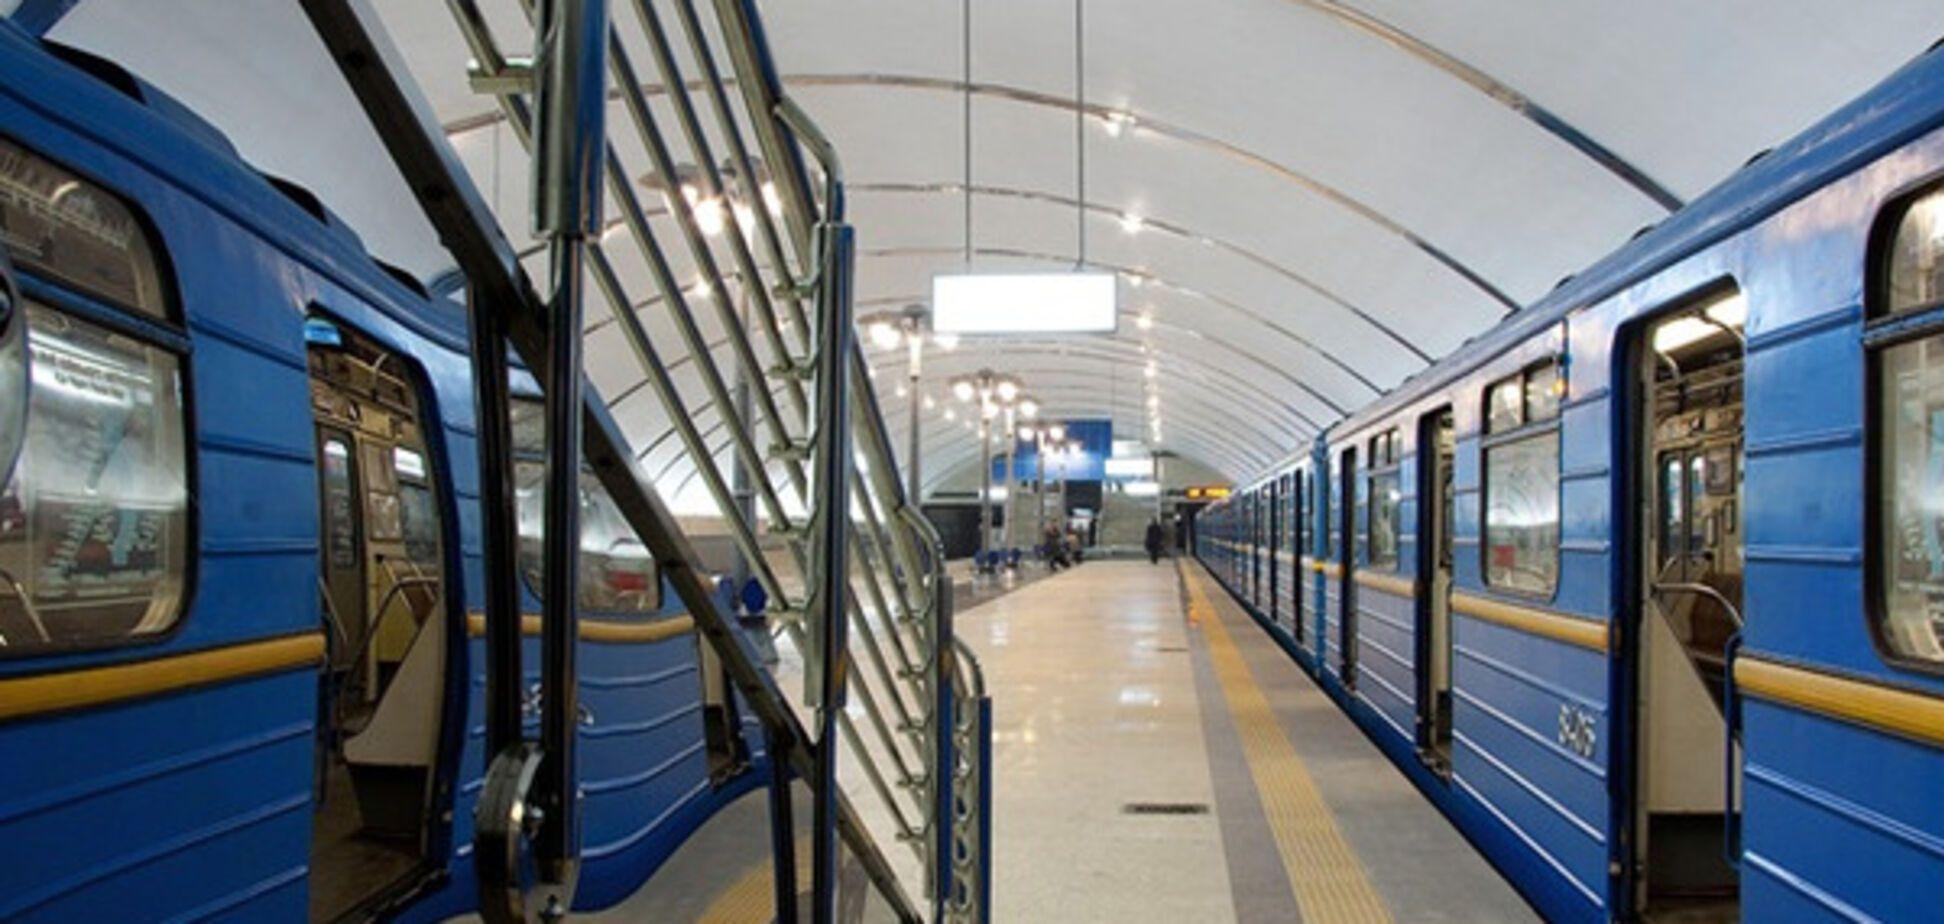 Проезд в метро